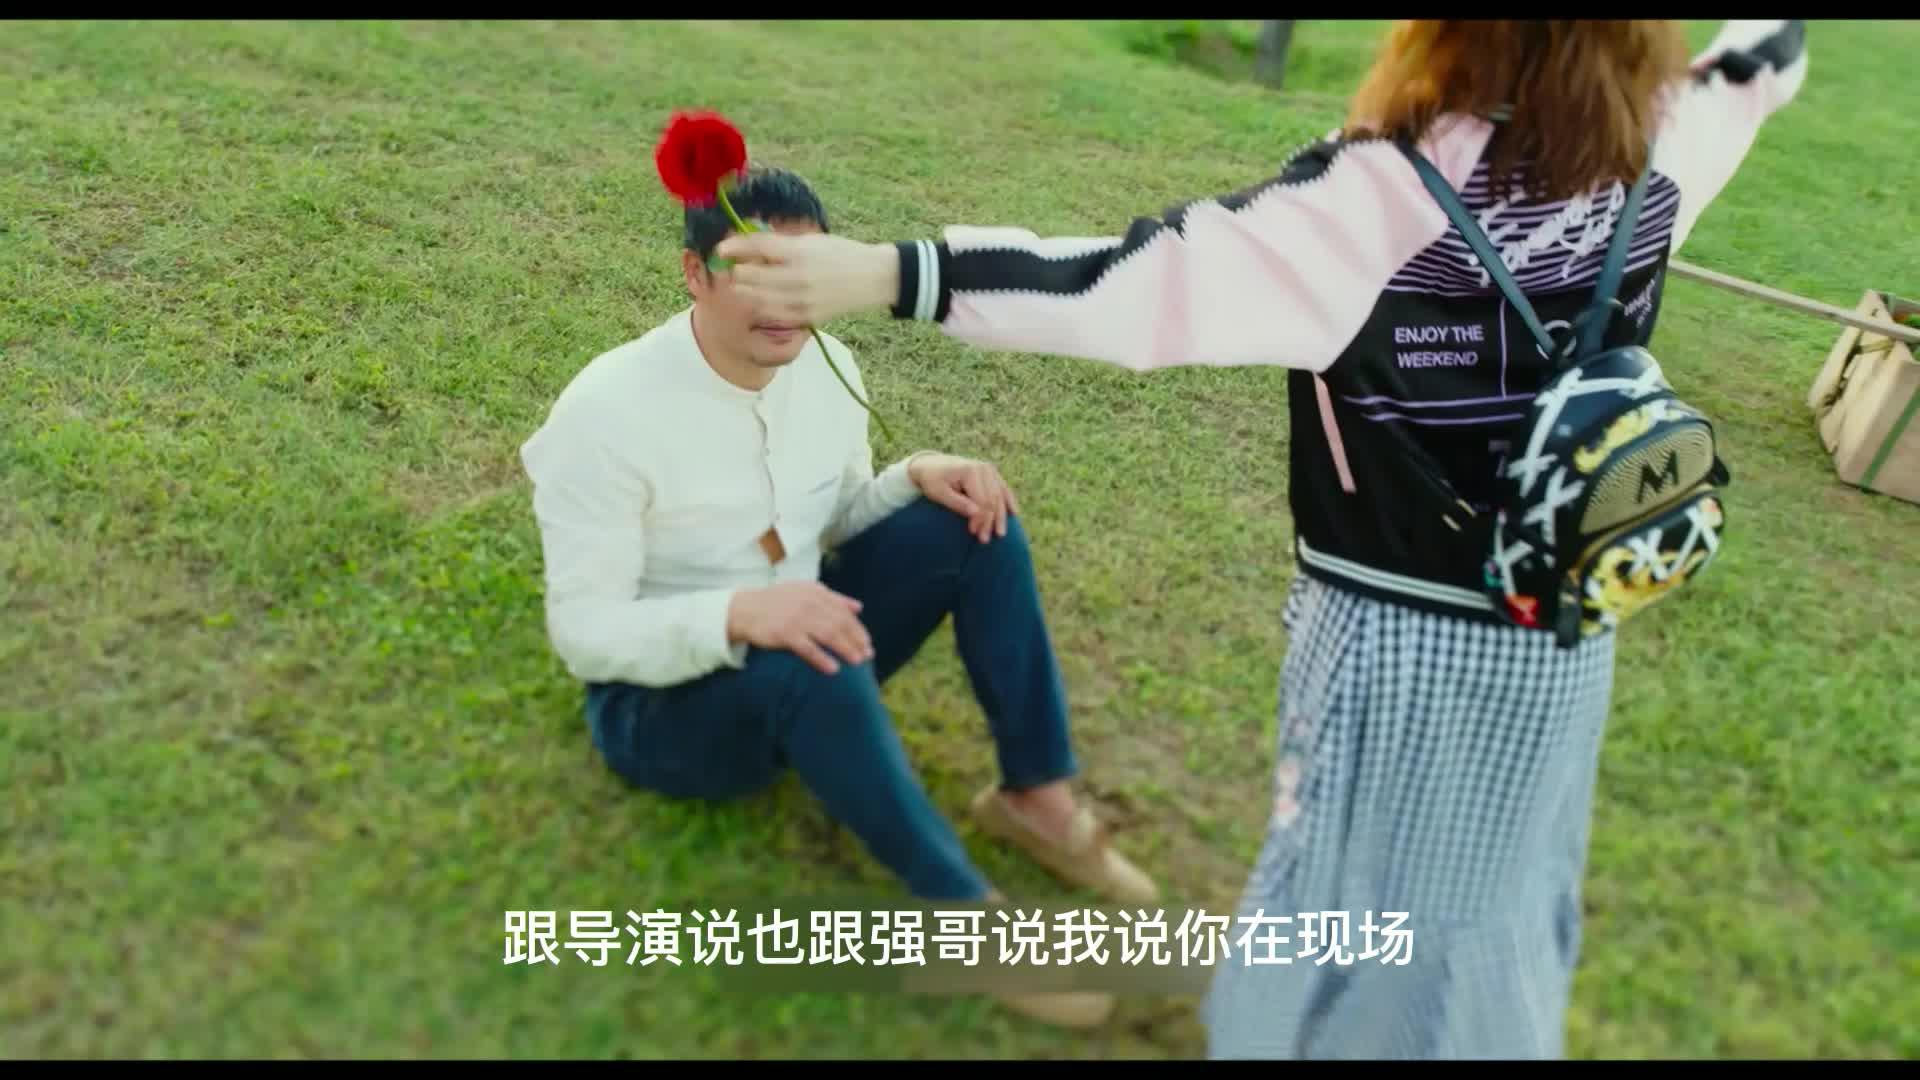 柴碧云:爱你的方式有很多